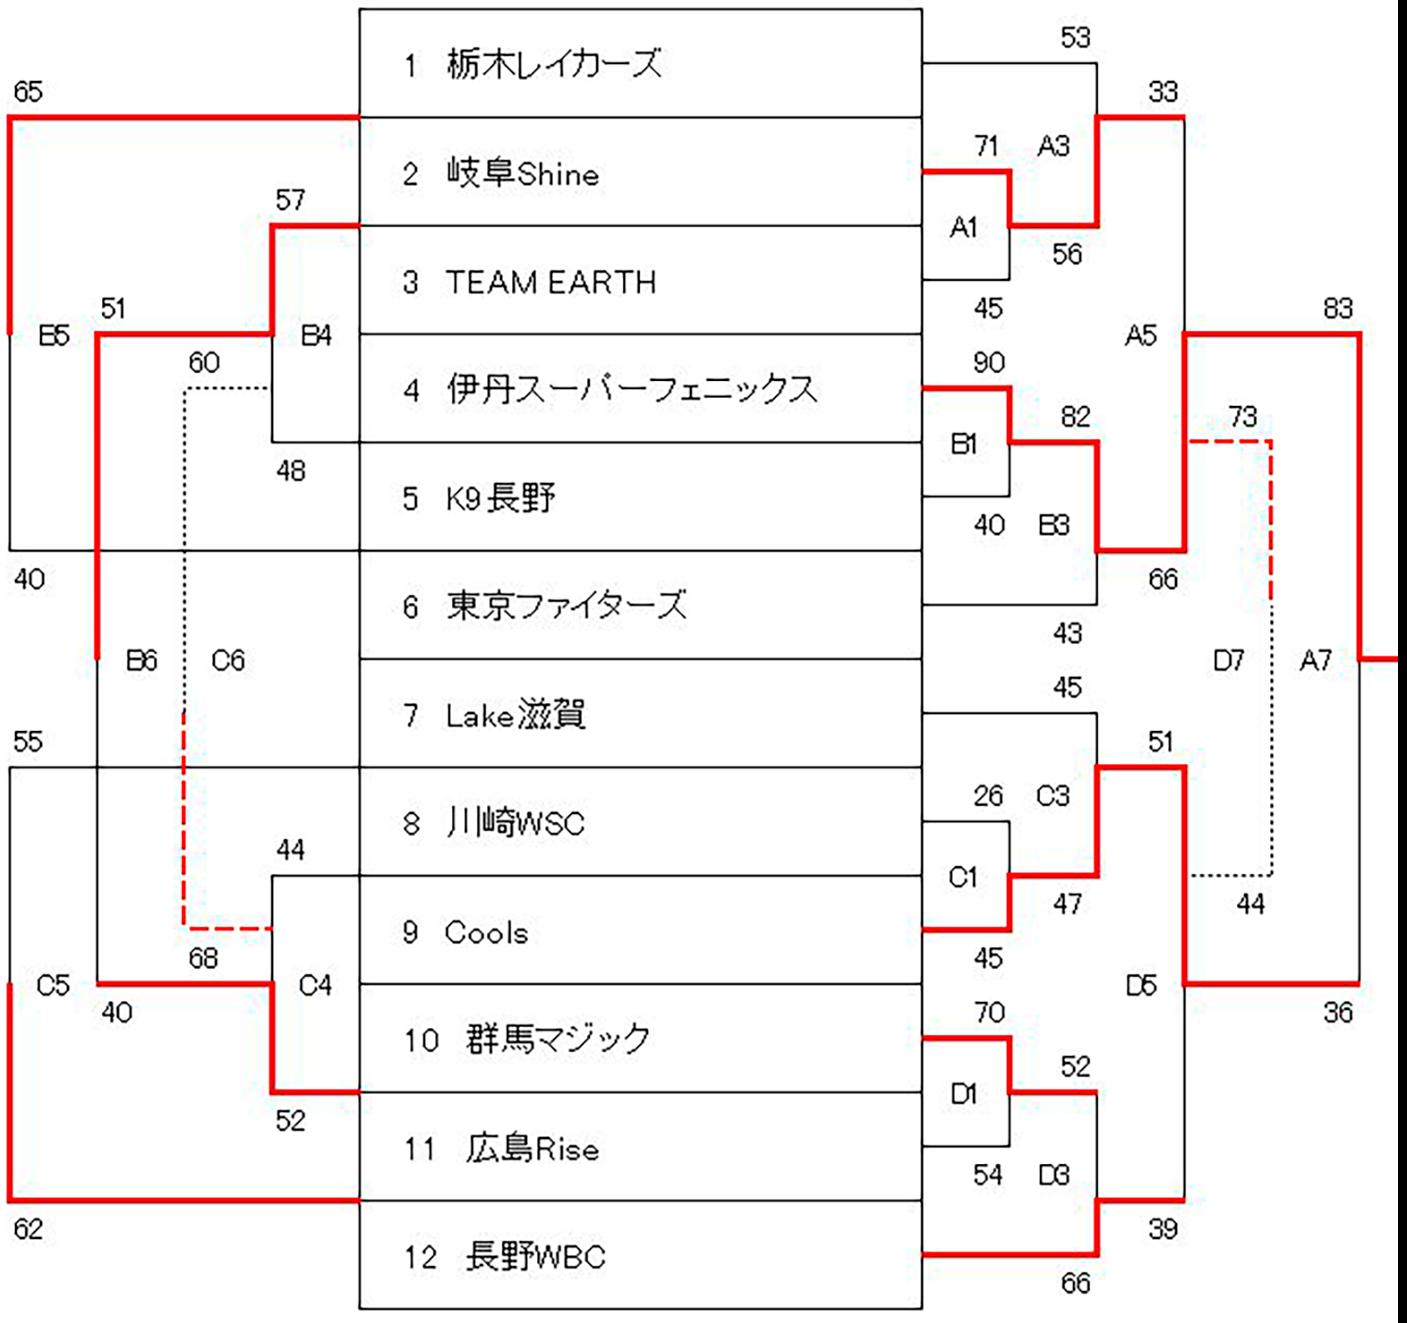 第29回 日本選抜車椅子バスケットボール選手権大会 - 大会結果 男子